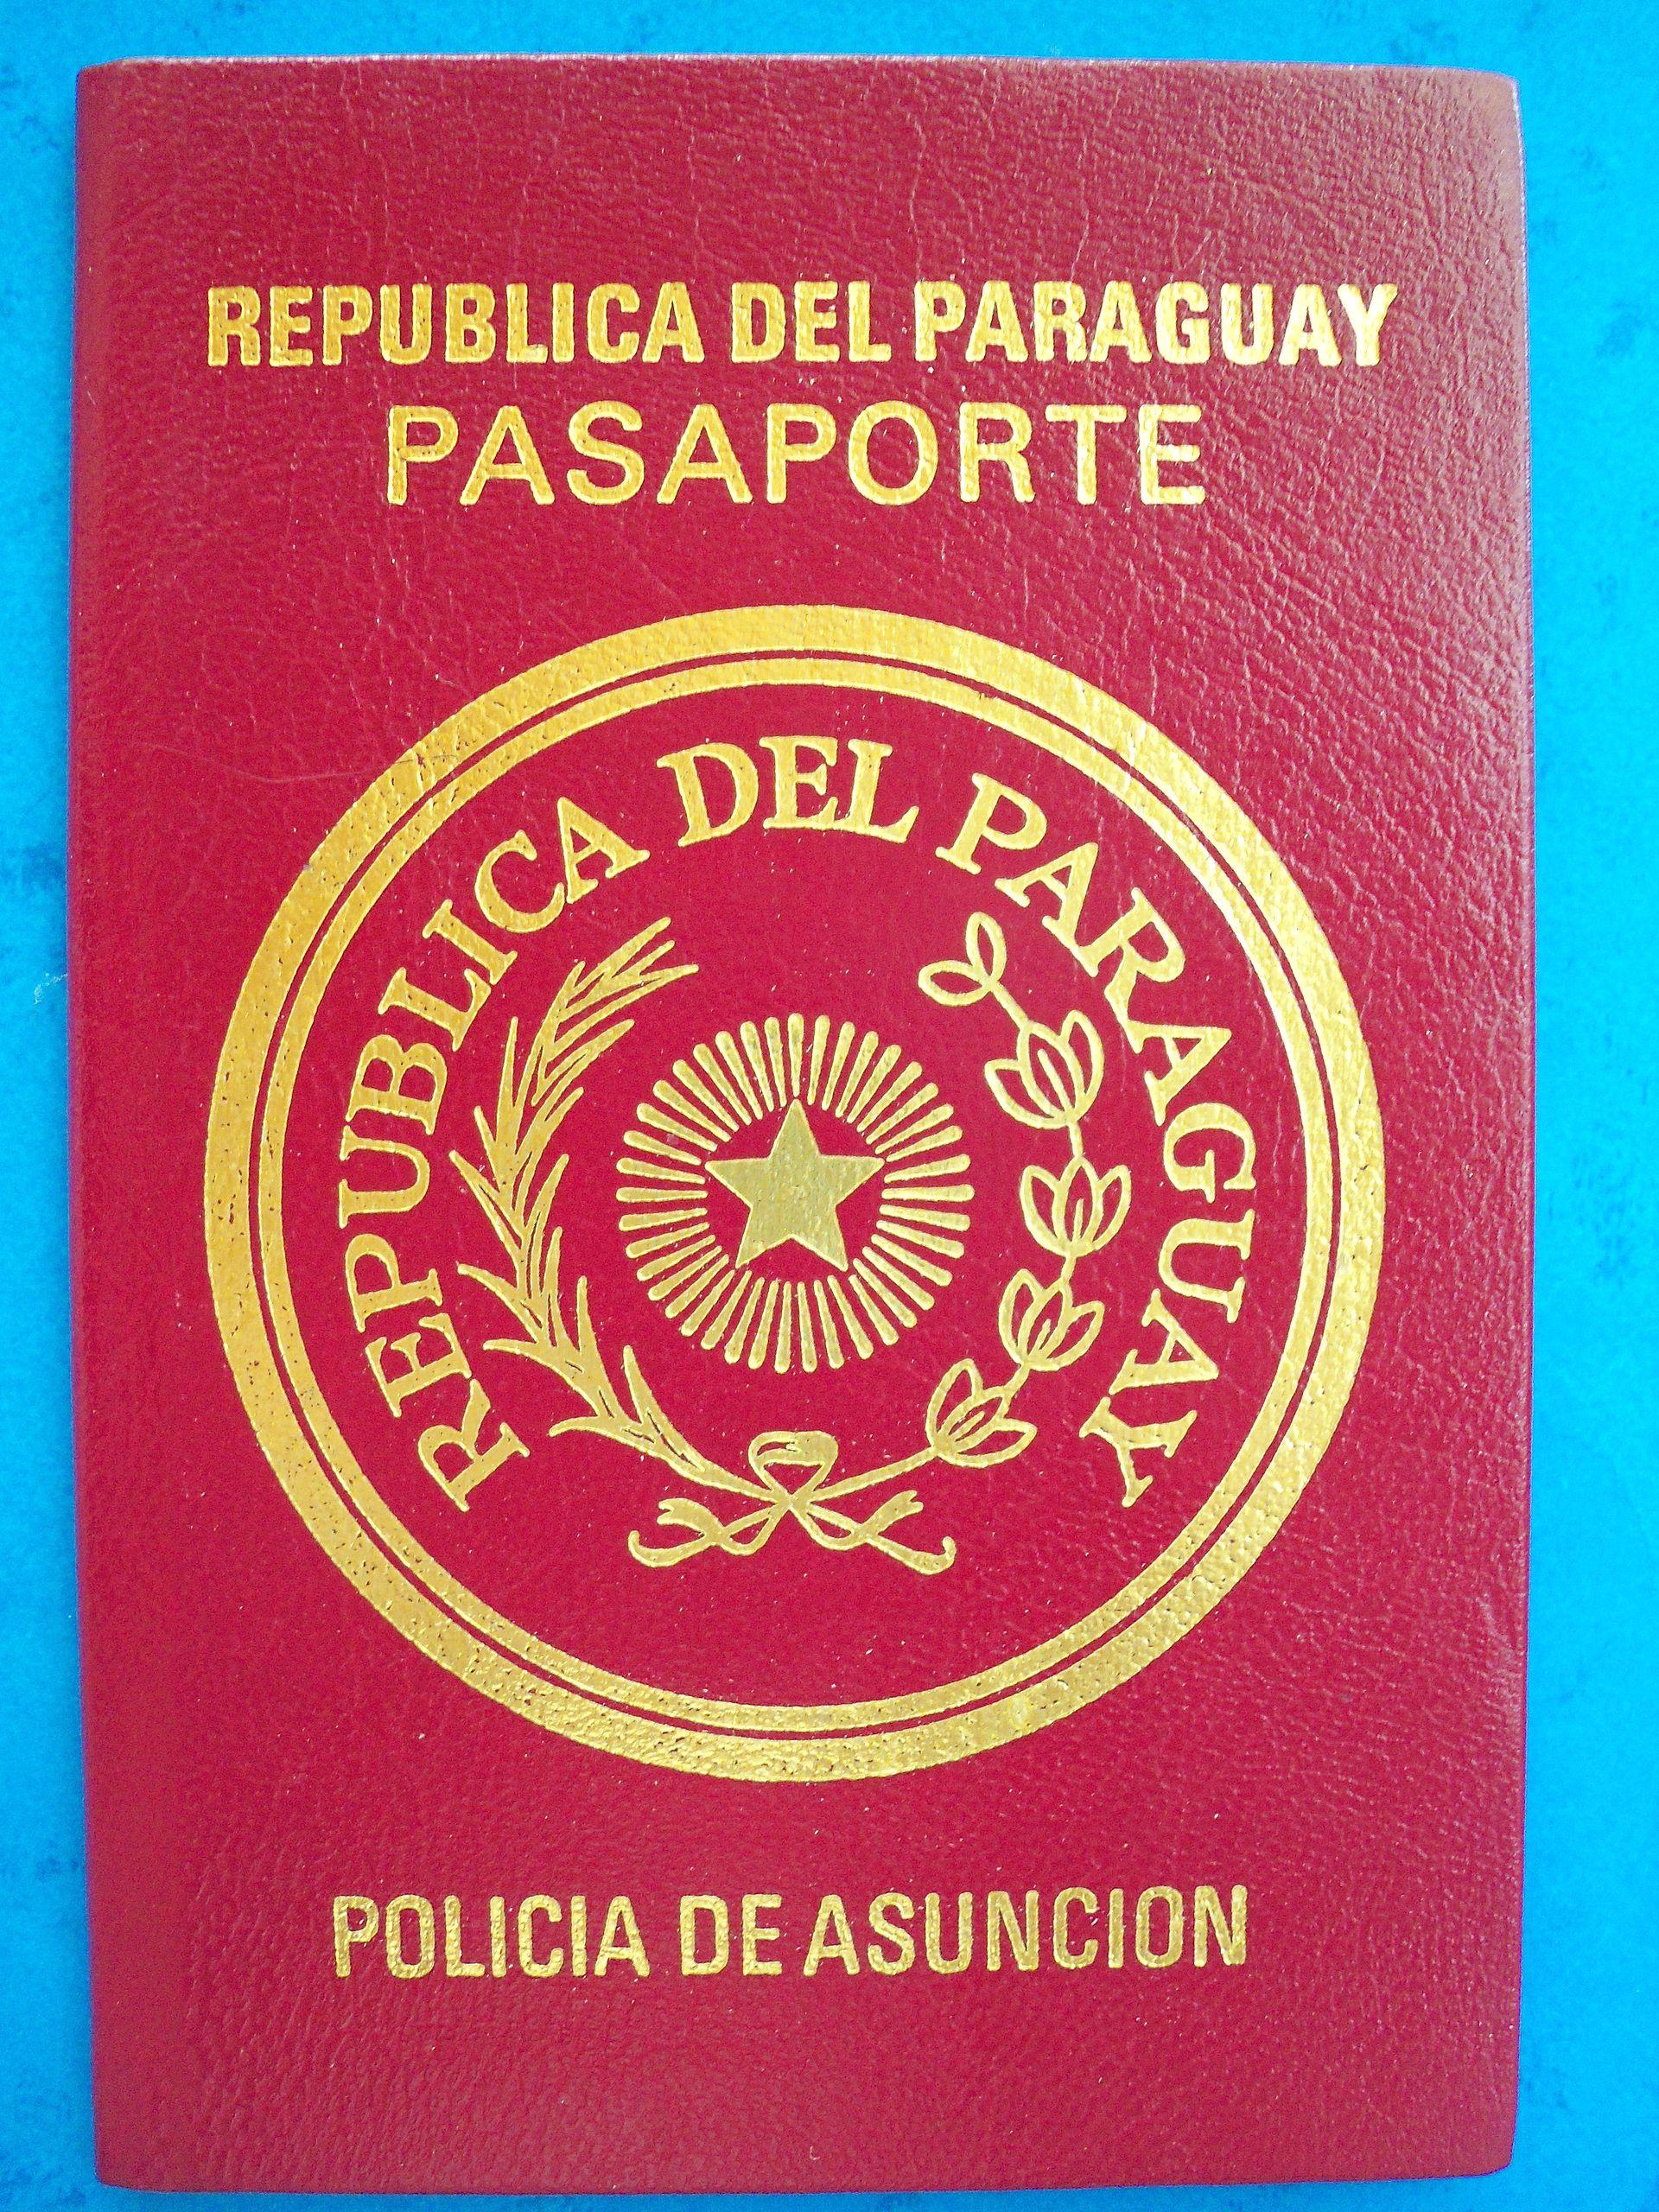 ع جواز سفر باراغواي - ويكيبيديا، الموسوعة الحرة